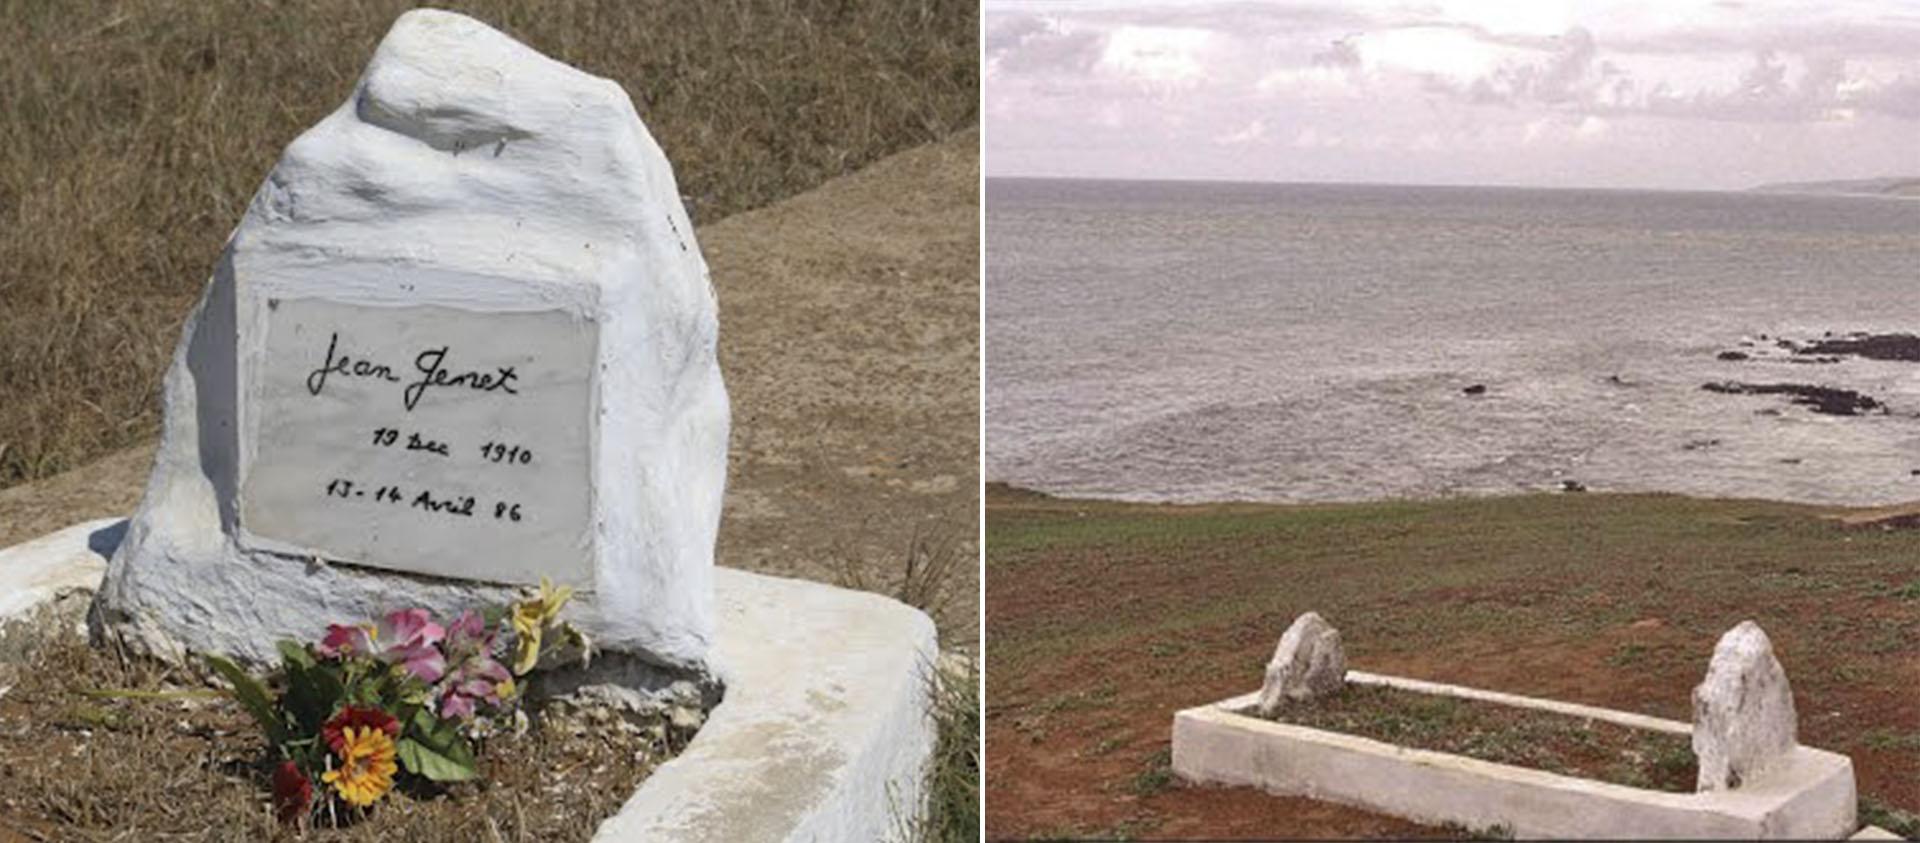 La tumba de Genet en Marruecos